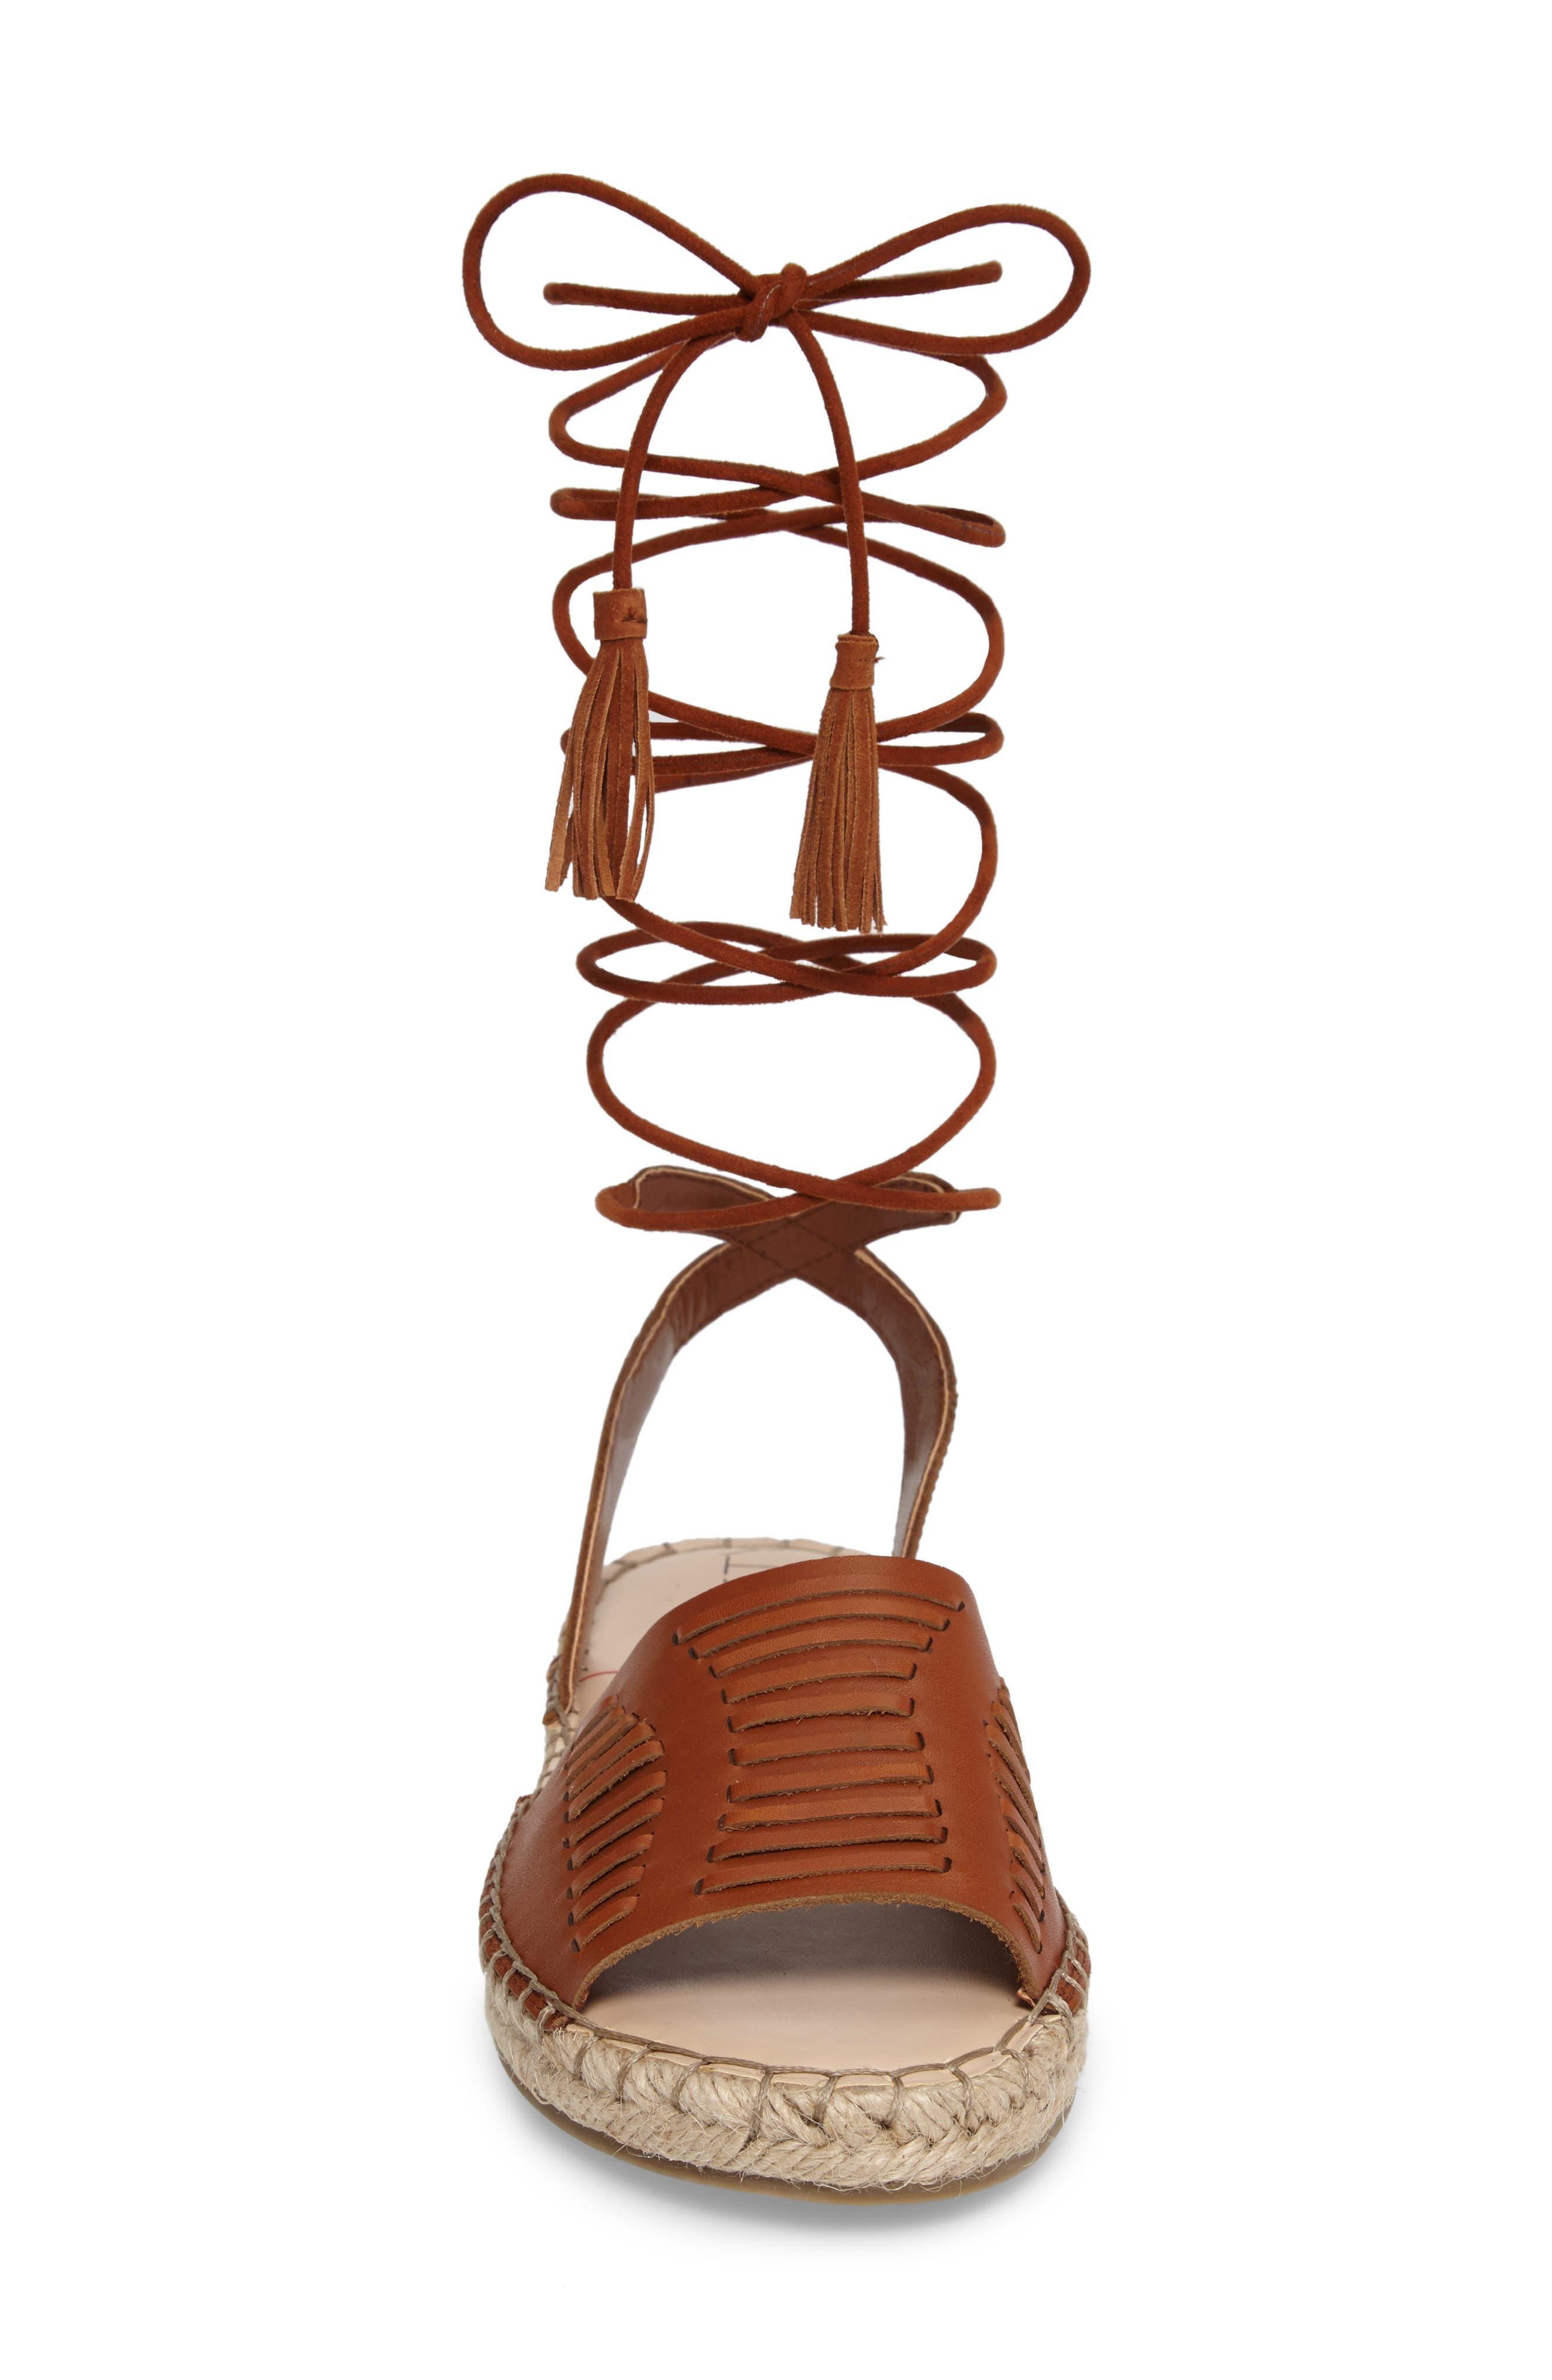 Clover Ankle Wrap Espadrille Sandal,                             Alternate thumbnail 4, color,                             Cognac Leather